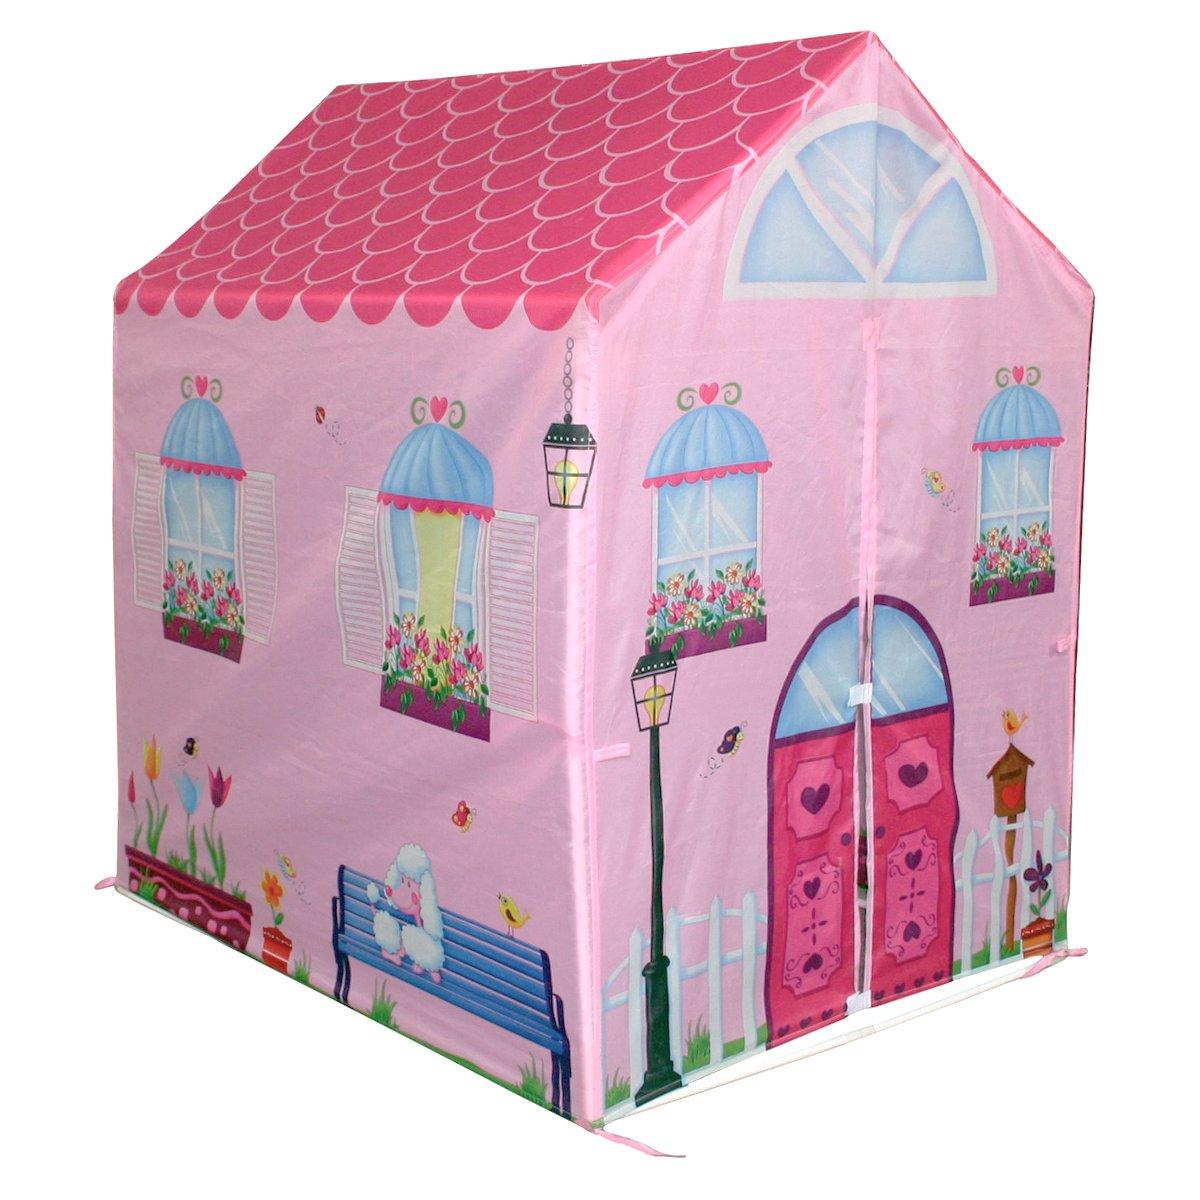 Charles Bentley Kids Children's Pink Girls Playhouse Wendy House Indoor Outdoor Play Tent